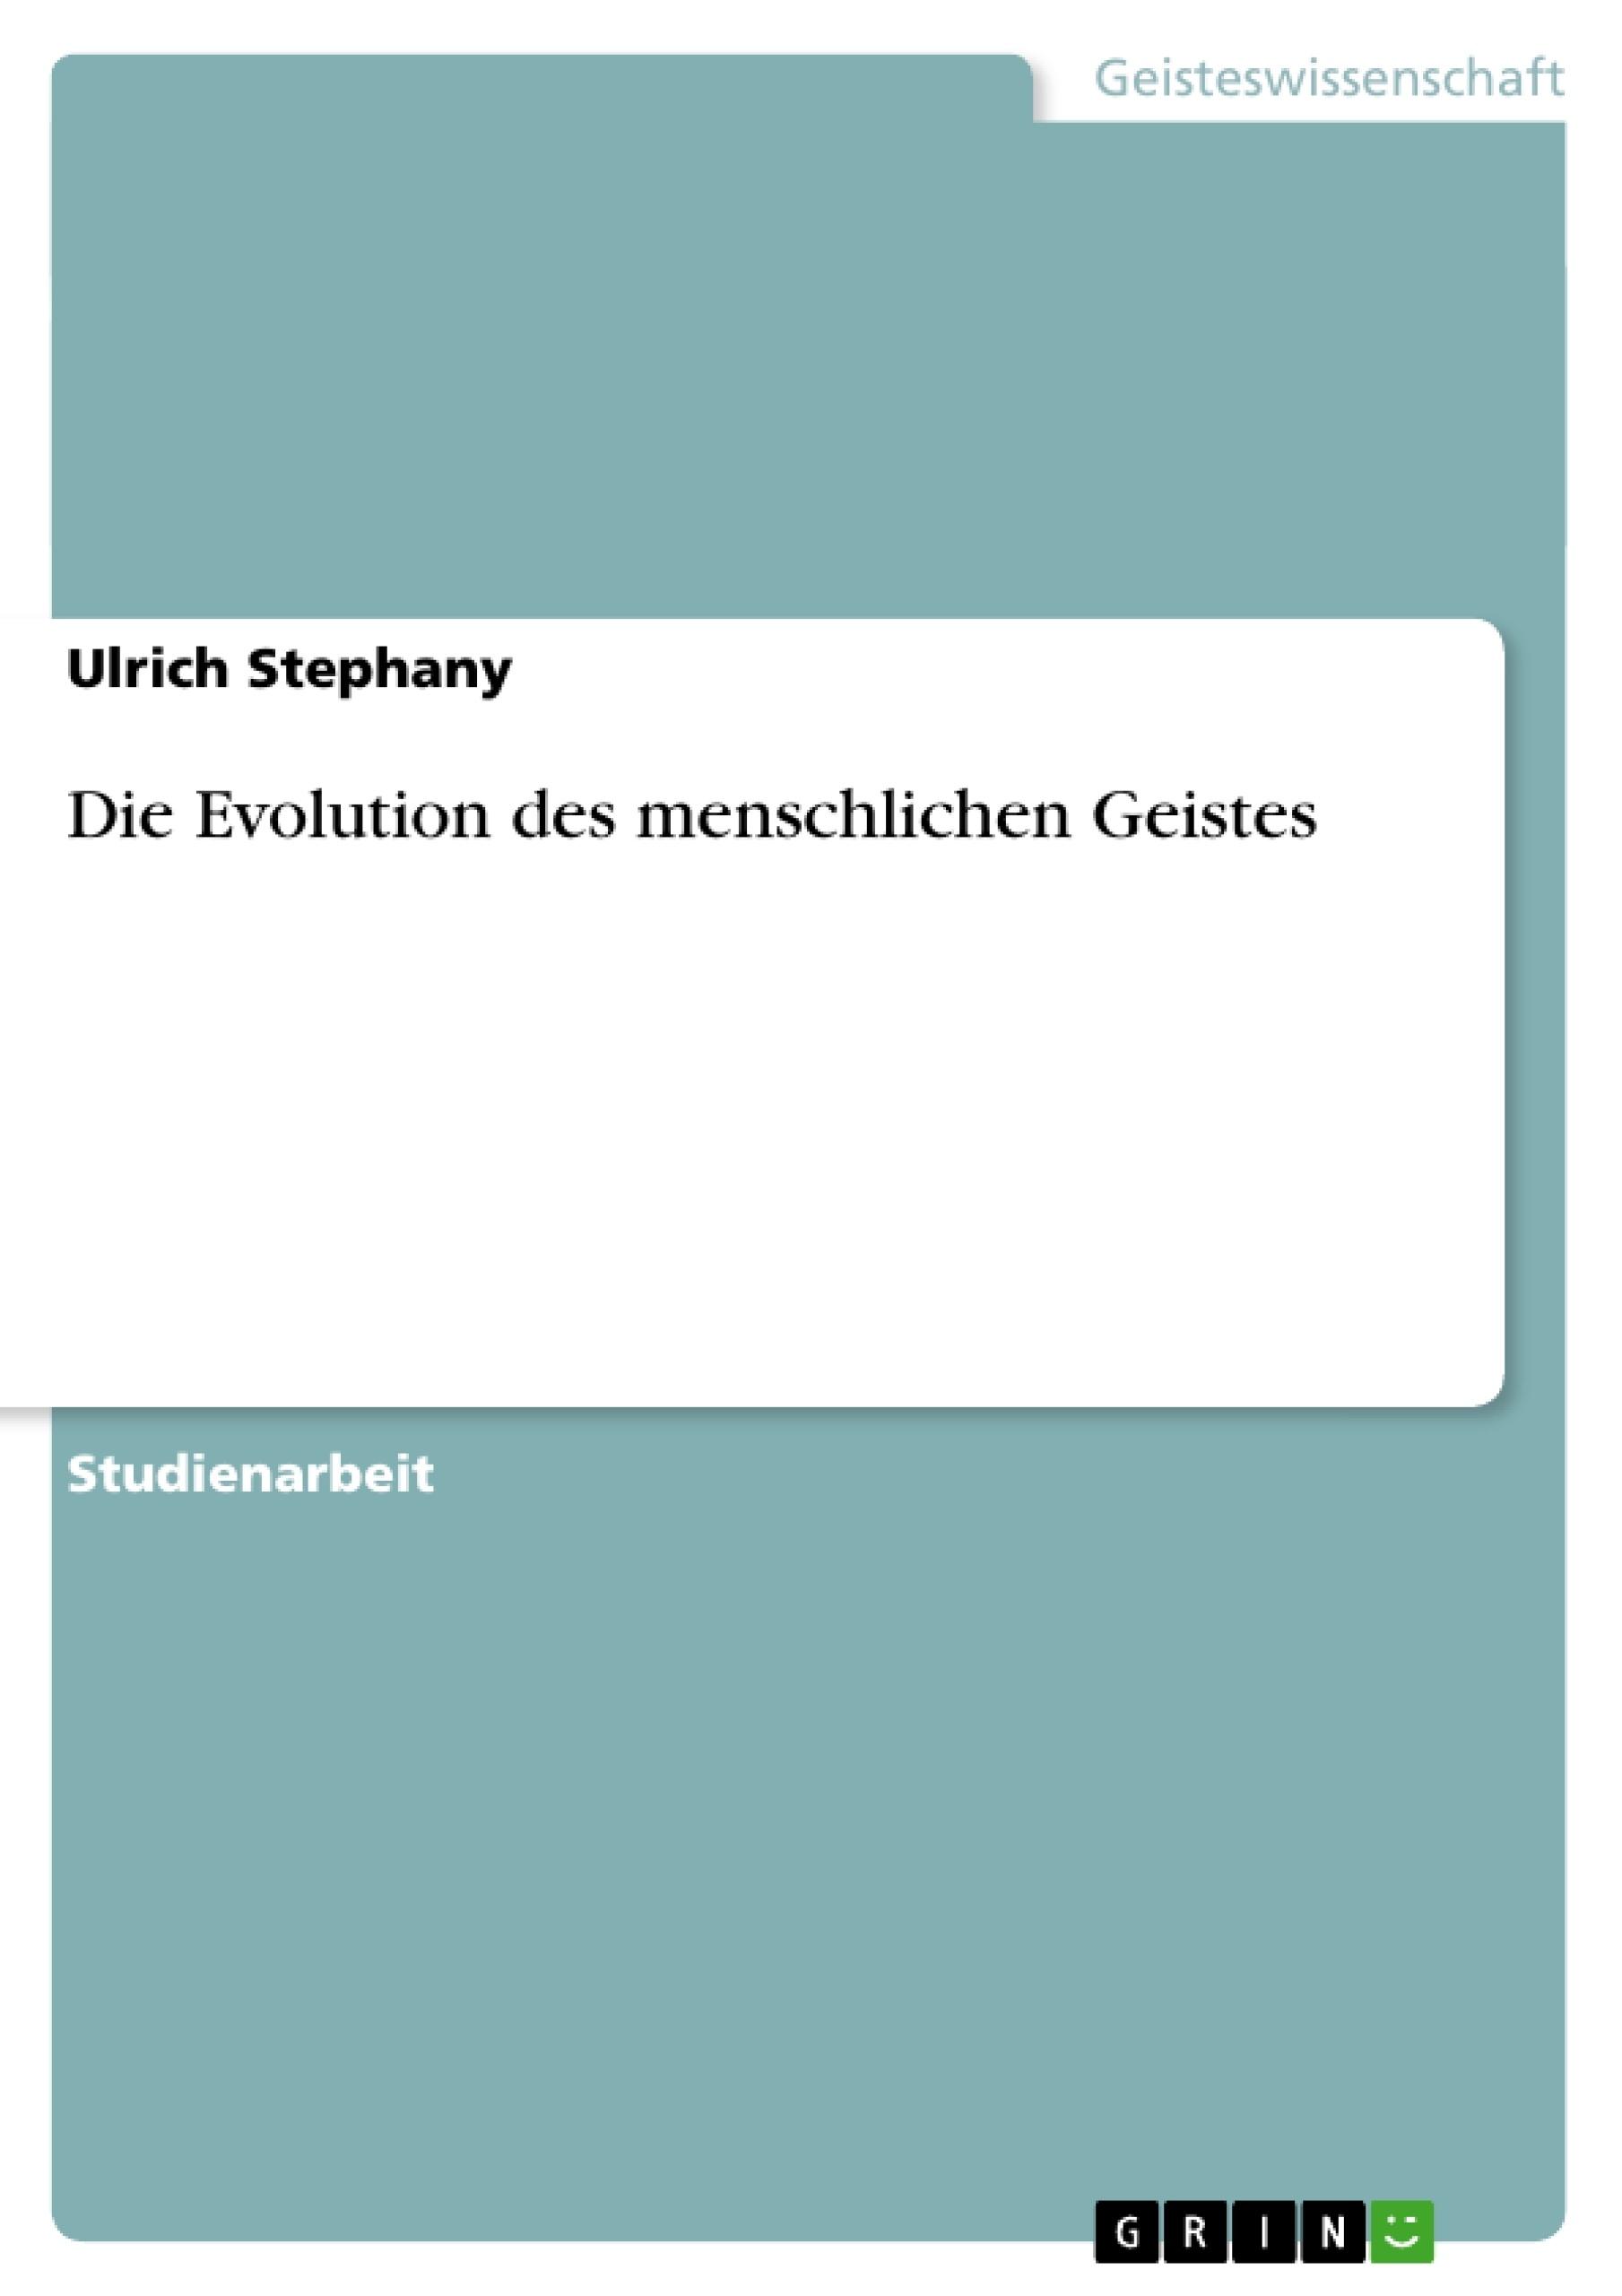 Titel: Die Evolution des menschlichen Geistes